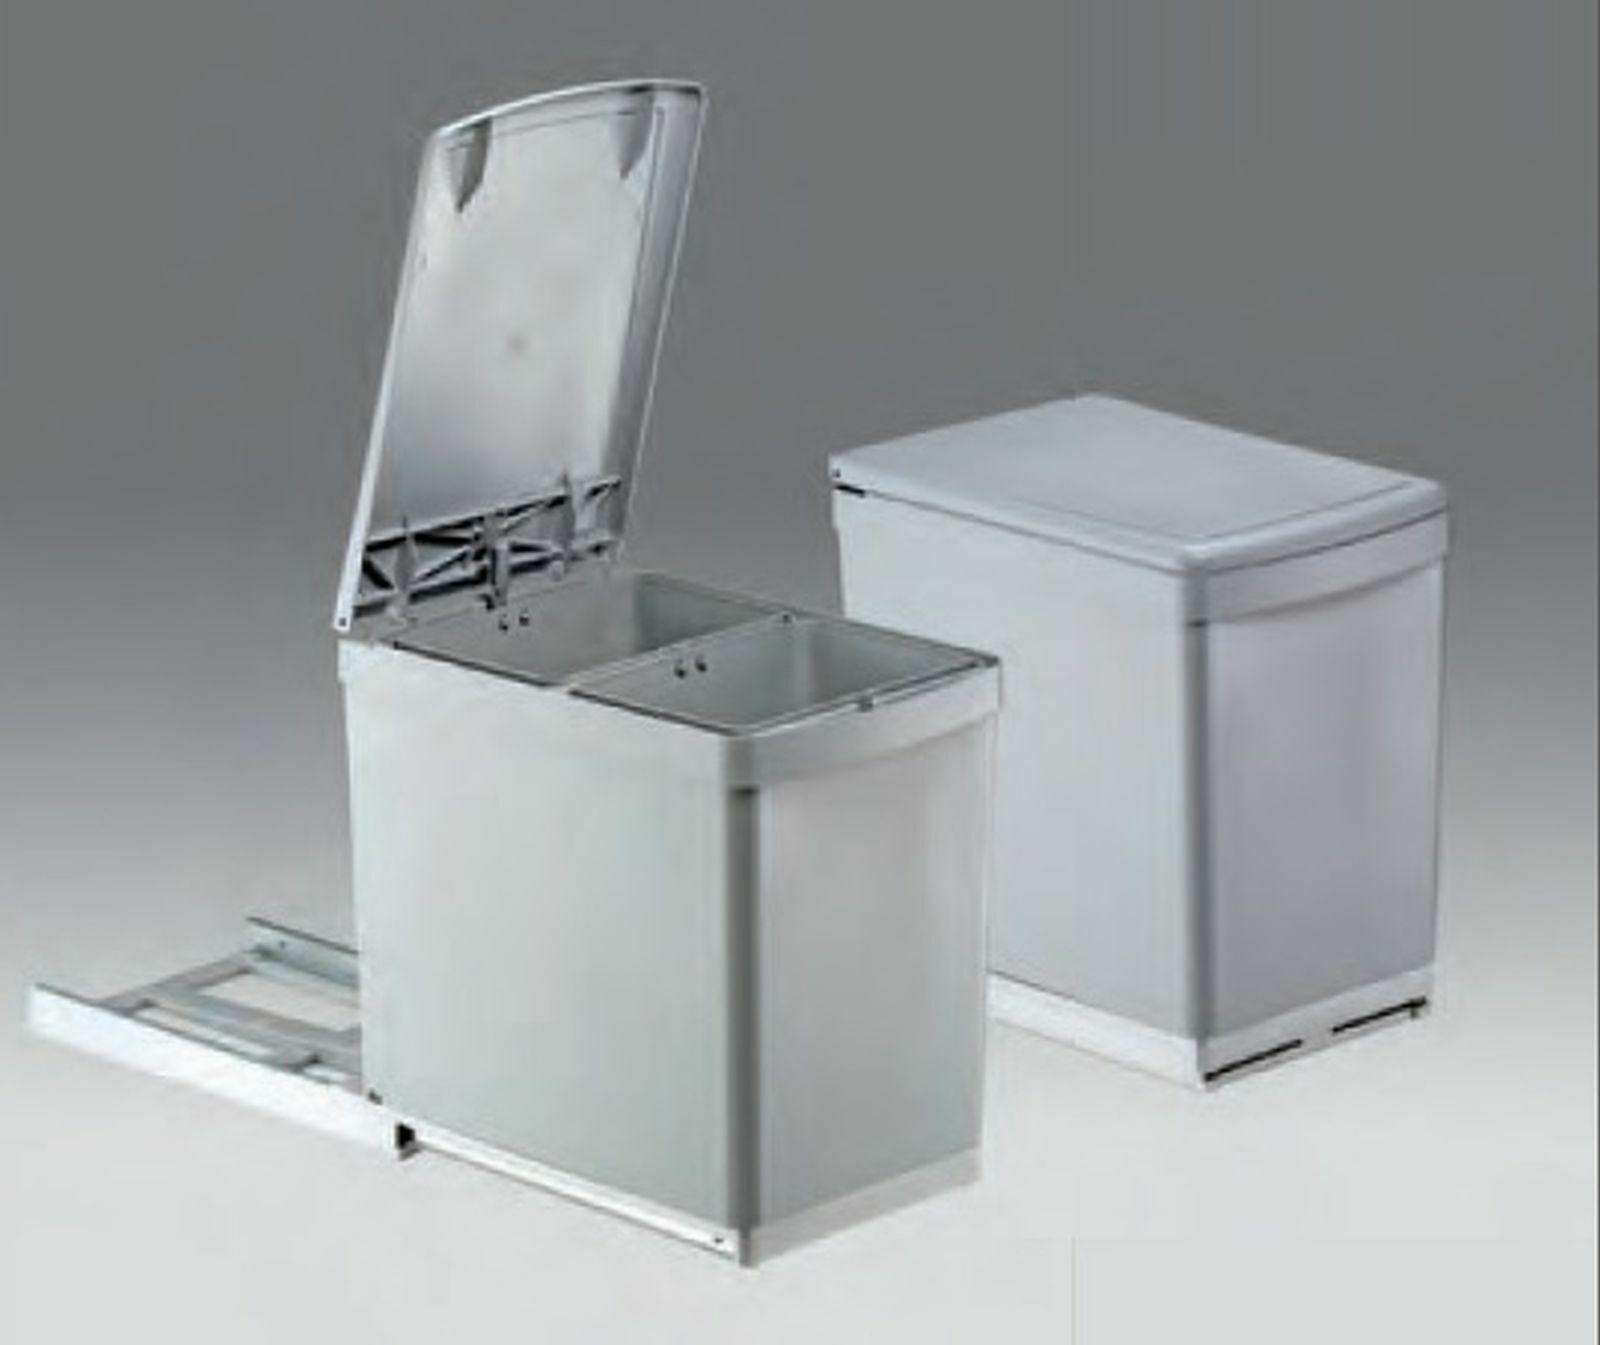 Turbo Mülleimer Küche 2x7, 5 L Einbau Küchenschrank ab 30 cm Wesco CG61